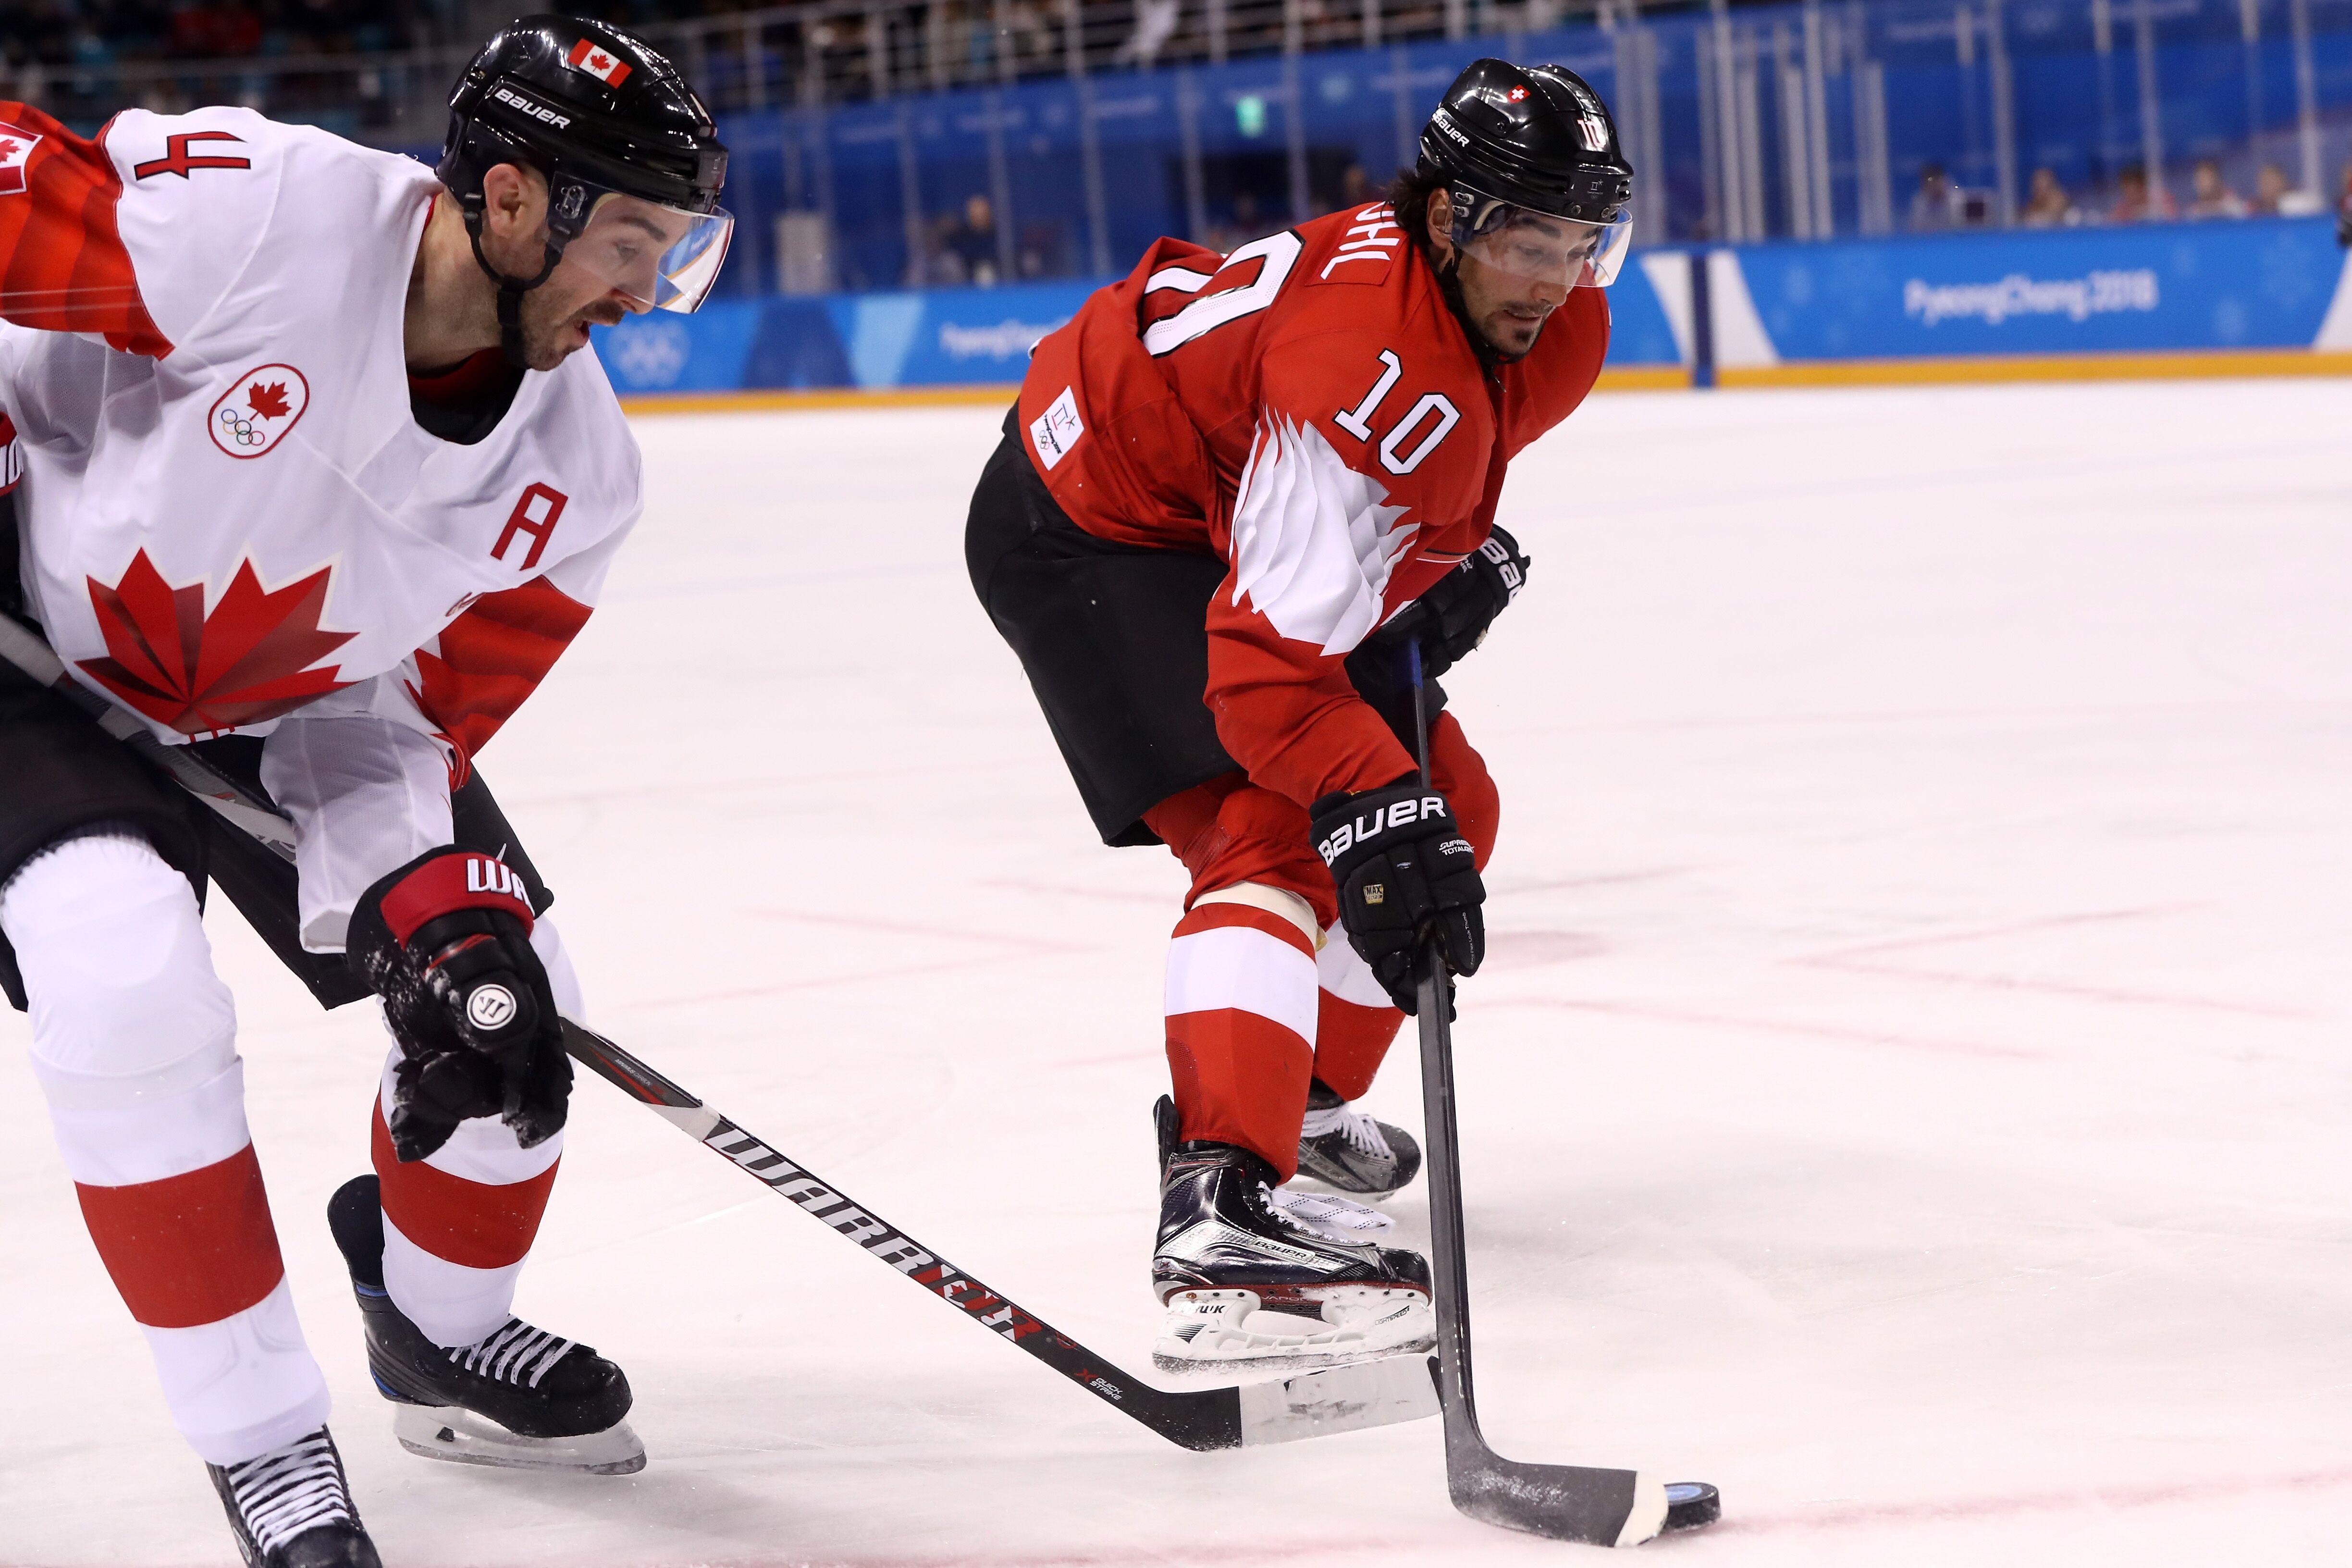 Olympics men's hockey, Canada vs. Switzerland results and ...